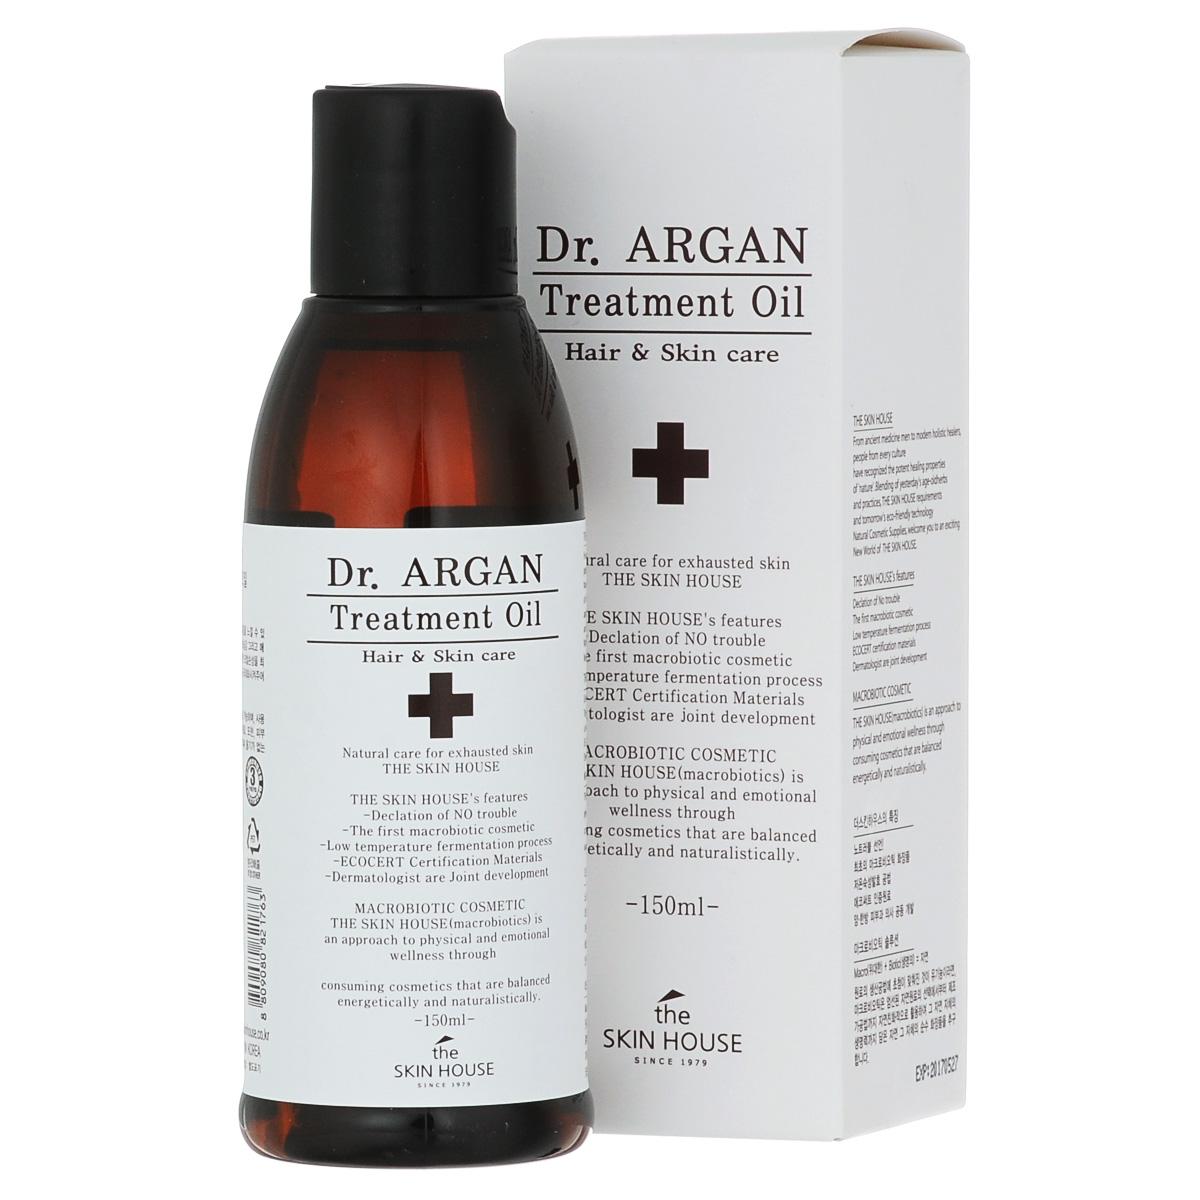 The Skin House Масло арганы для восстановления волос DR. Argan treatment oil, 150 млУТ000001222Увлажняющая эссенция, не склеивающая волосы! Восстанавливающее масло Dr. Argan является многофункциональным средством, котороезащищает поврежденные и окрашенные волосы, а так же кожу головы. Способствует обновлению клеток кожи, а так же увлажняет, заметноулучшая внешний вид волос. Защищает волосы от агрессивных факторов внешнего воздействия, а так же делает их шелковистыми и сильными.Смягчает волосы и придает им сияние.Состав: Dimethicone, Cyclomethicone, Dimethicone, Cyclopentasiloxane, Isopropyl Myristate, Dimethicone, Phenyl Trimethicone, Hexyl Laurate, Argania SpinosaKernel Oil, Fragrance, Ethylhexyl Methoxycinnamate, Rosa Canina Fruit Oil, Simmondsia Chinensis (Jojoba) Seed Oil, Camellia Japonica Seed Oil, Phenoxyethanol